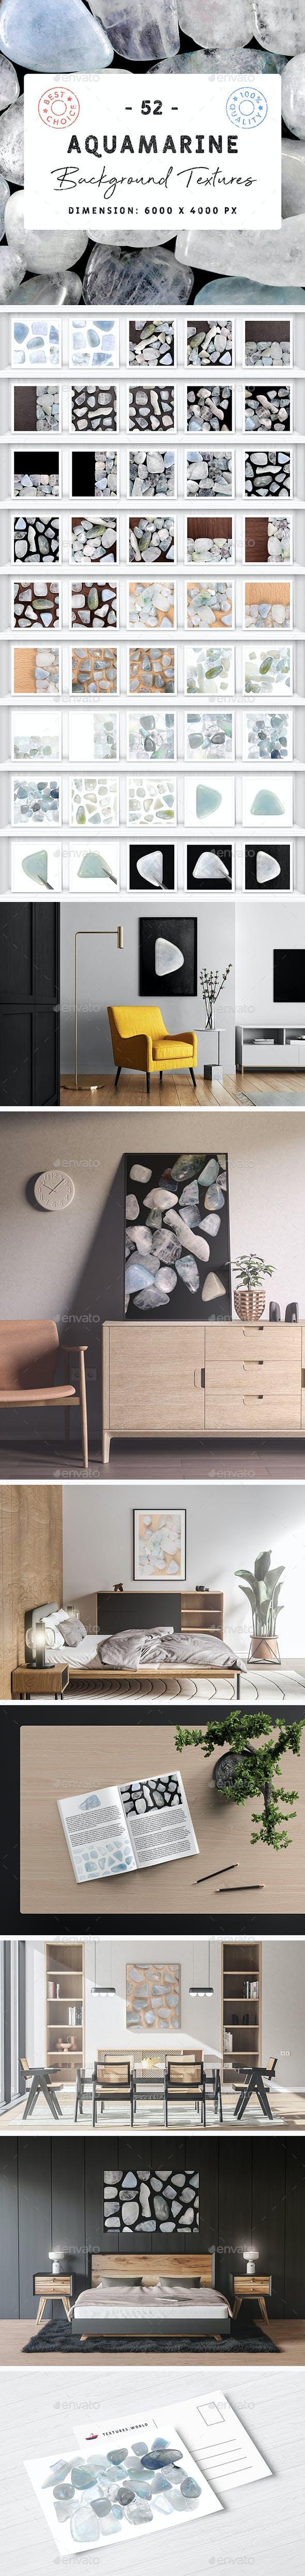 52 Aquamarine Background Textures - 3DOcean Item for Sale